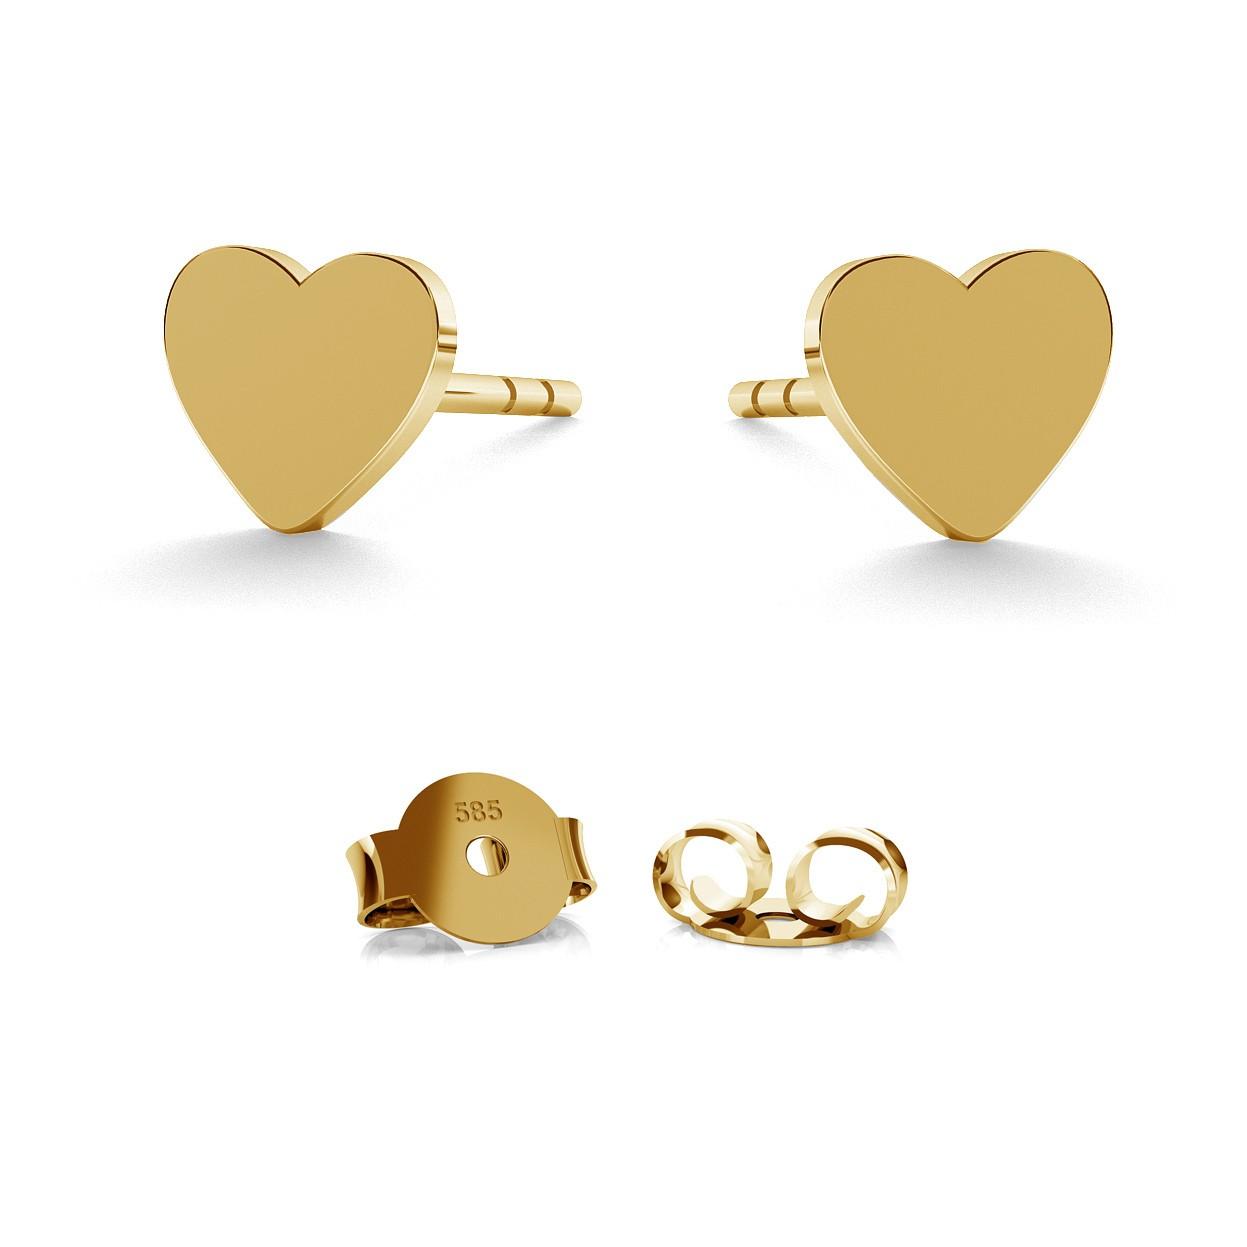 Pendientes de oro corazón, oro 585, 14k